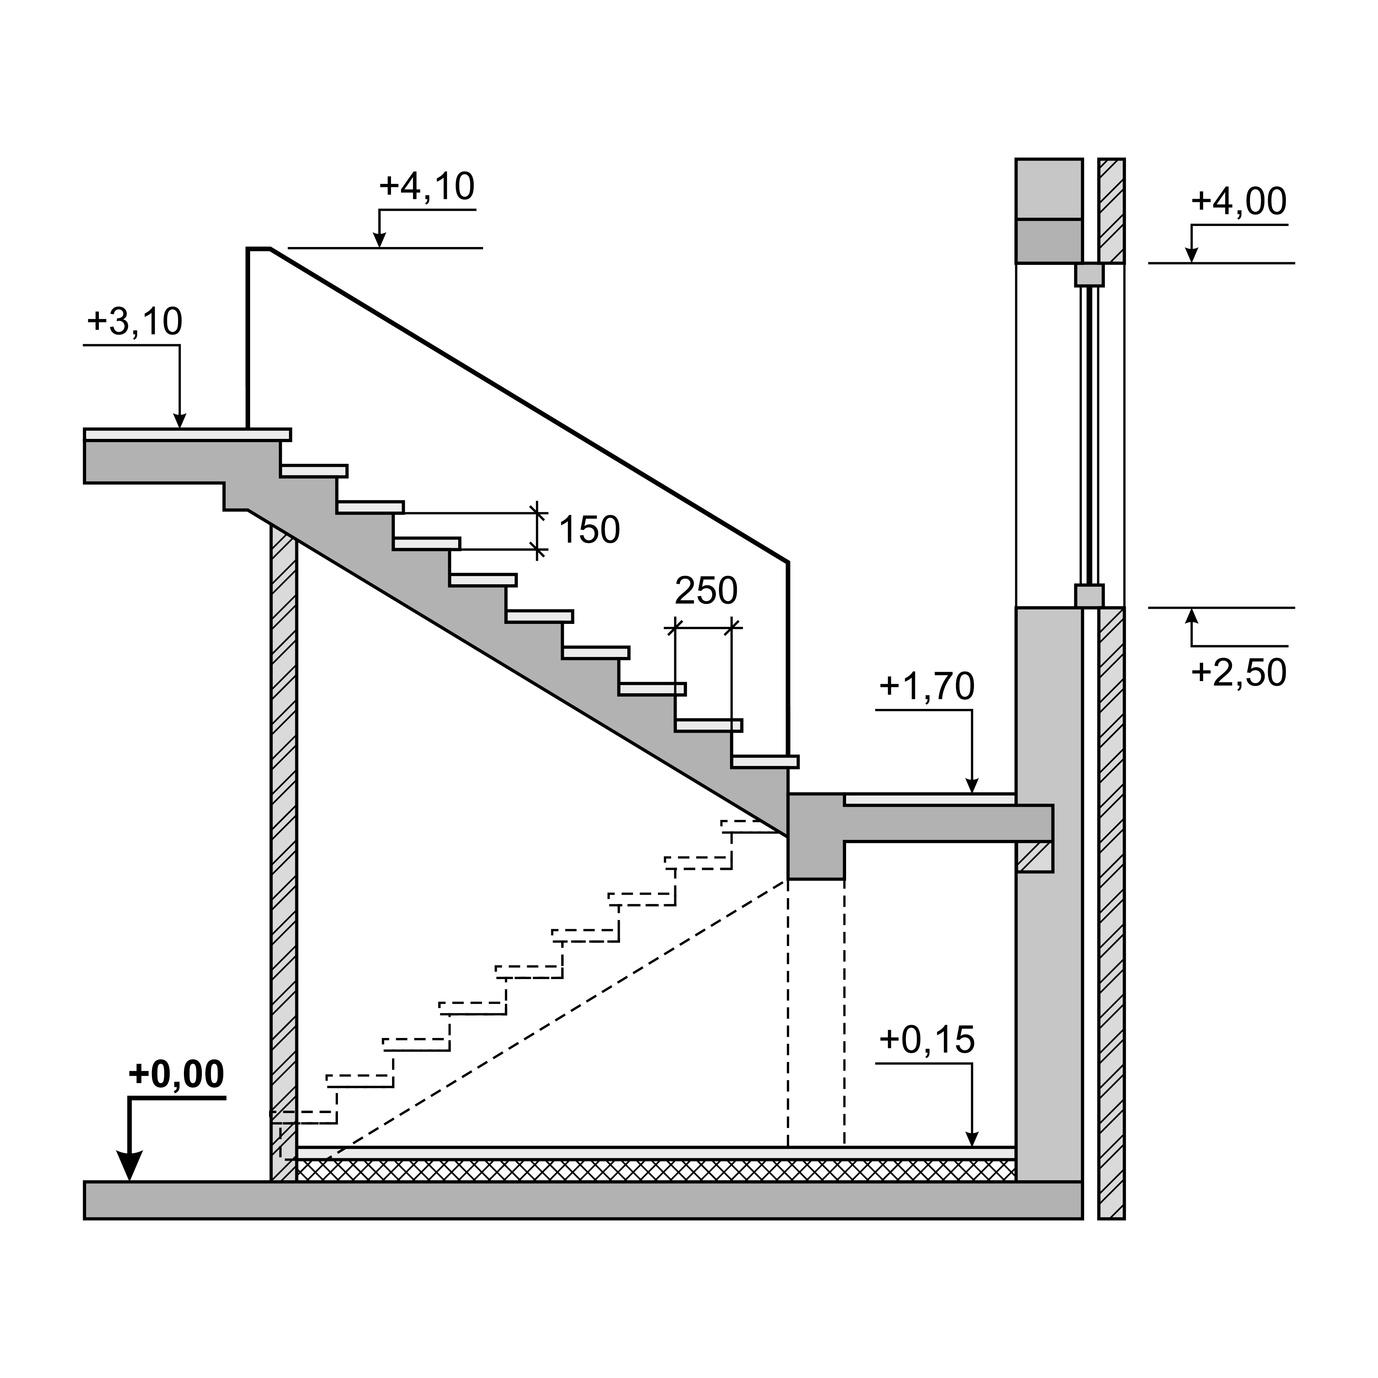 Vorsicht Treppe Tipps Fur Mehr Sicherheit M Wawer Gmbh Co Kg